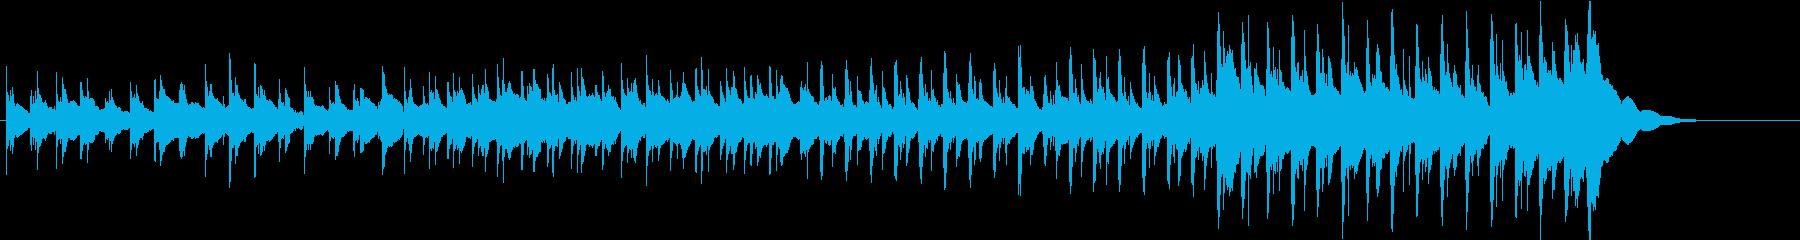 アコギ 生演奏 指弾き 優美の再生済みの波形